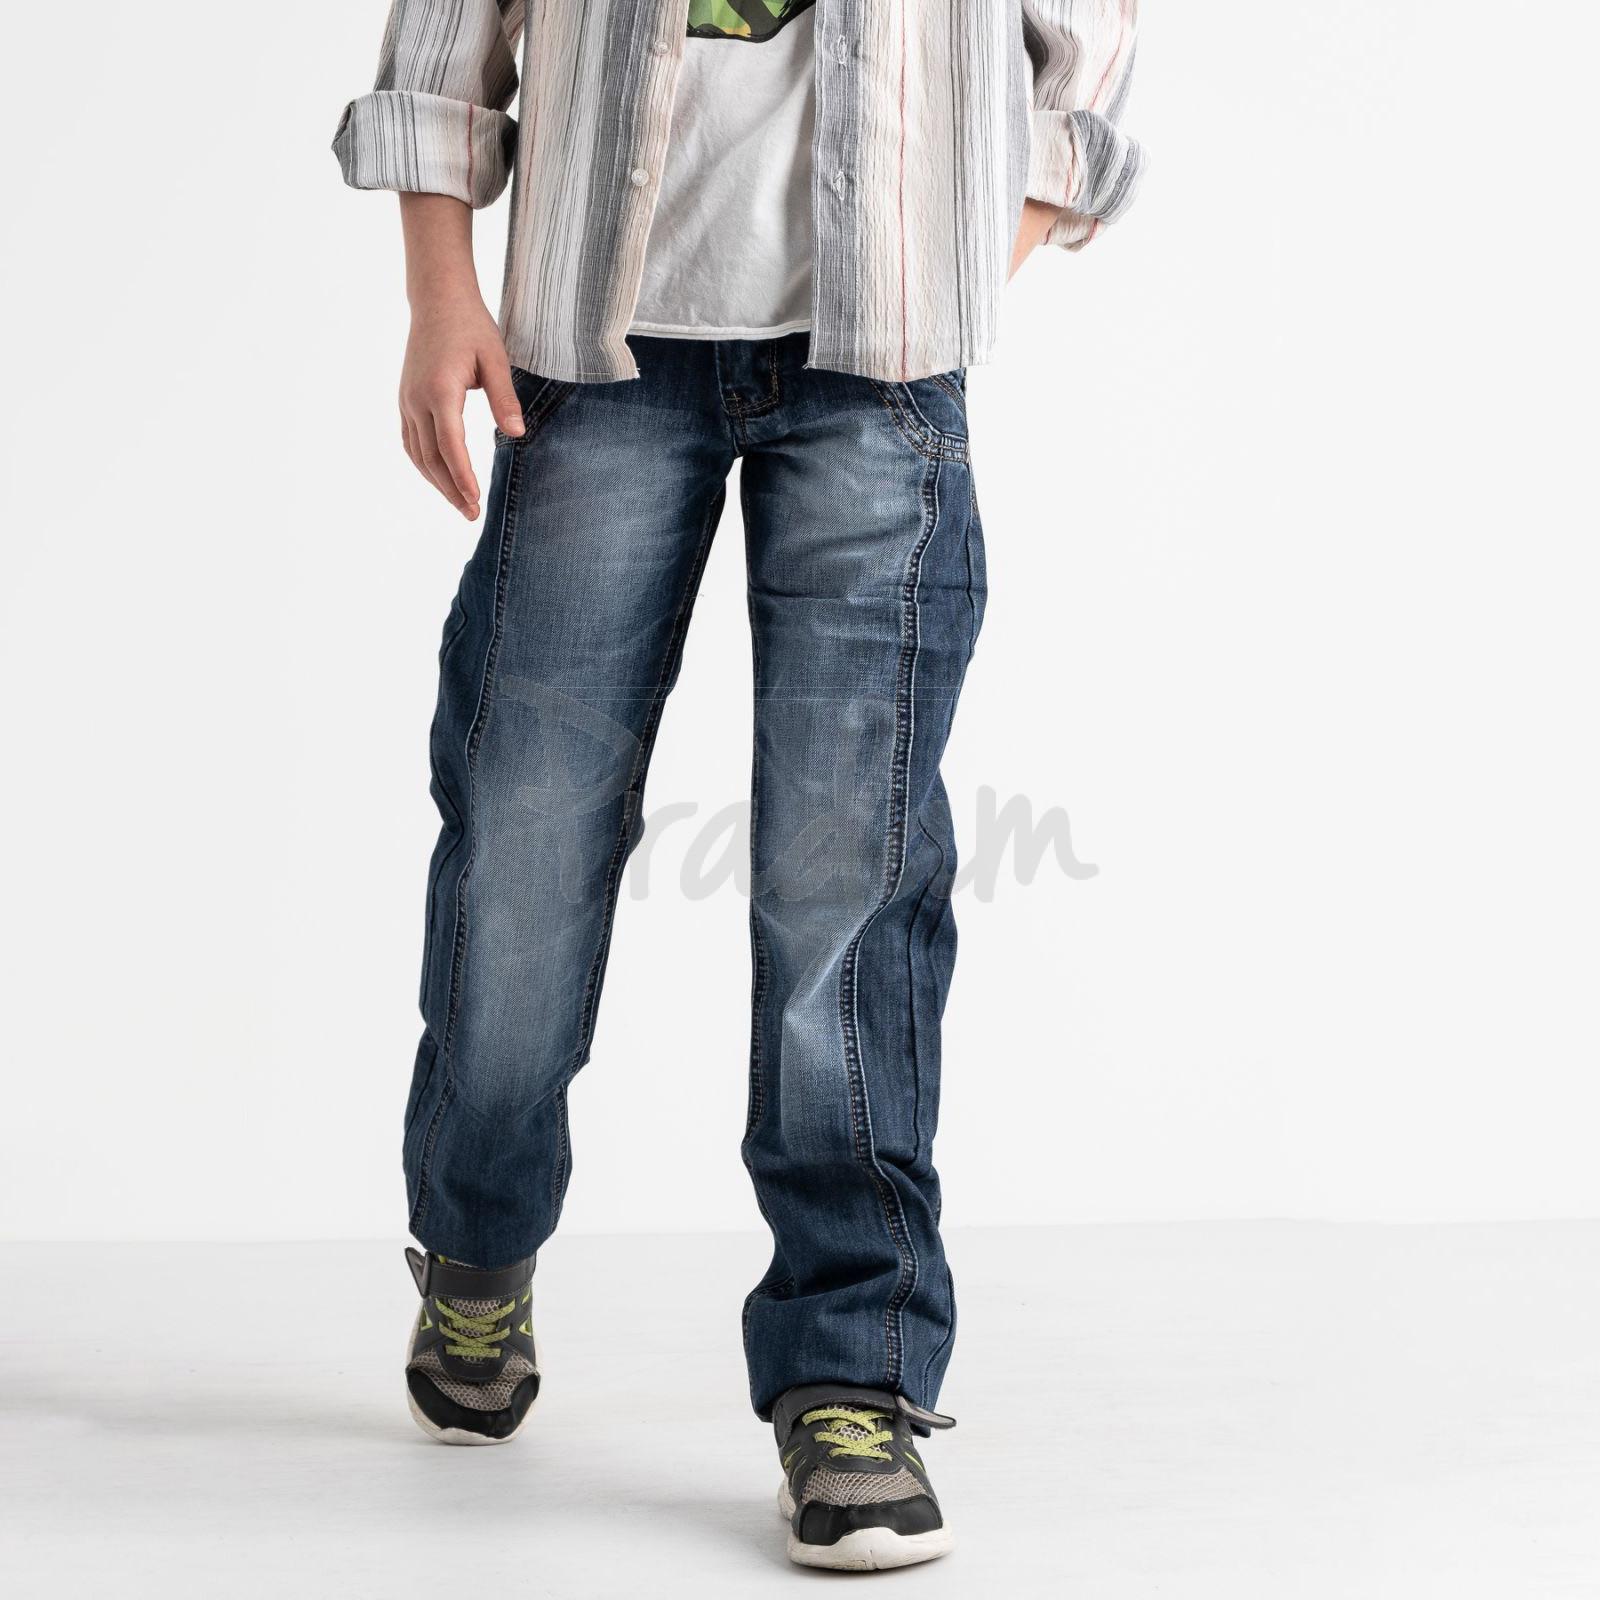 3197-4 Vigoocc джинсы на мальчика синие котоновые (7 ед. размеры: 24.25.26.27.28.29.30)